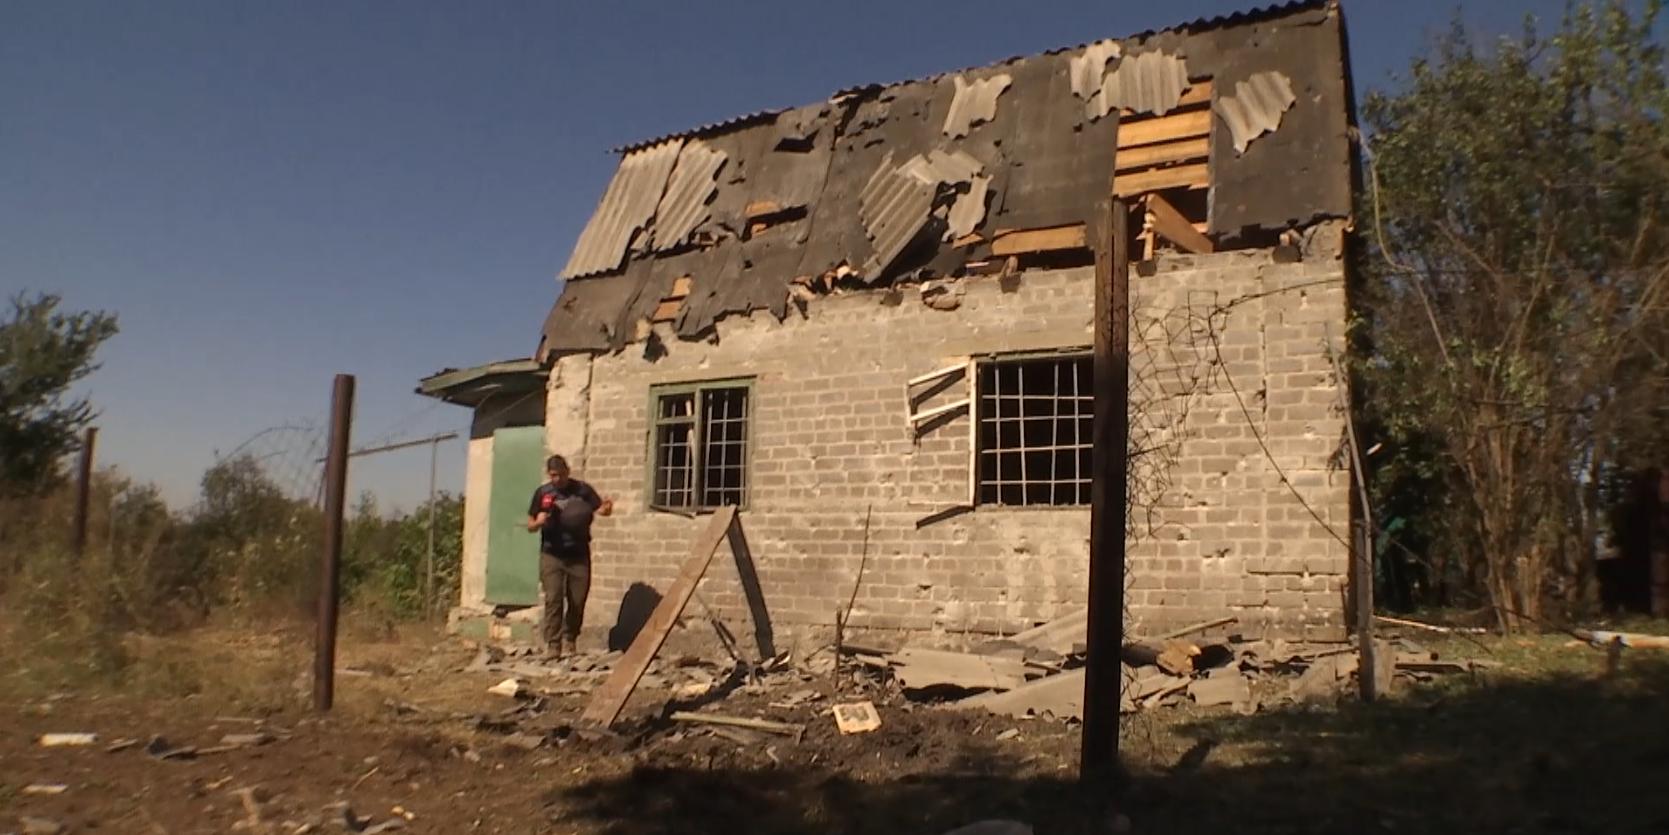 В результате обстрела были повреждены несколько домов